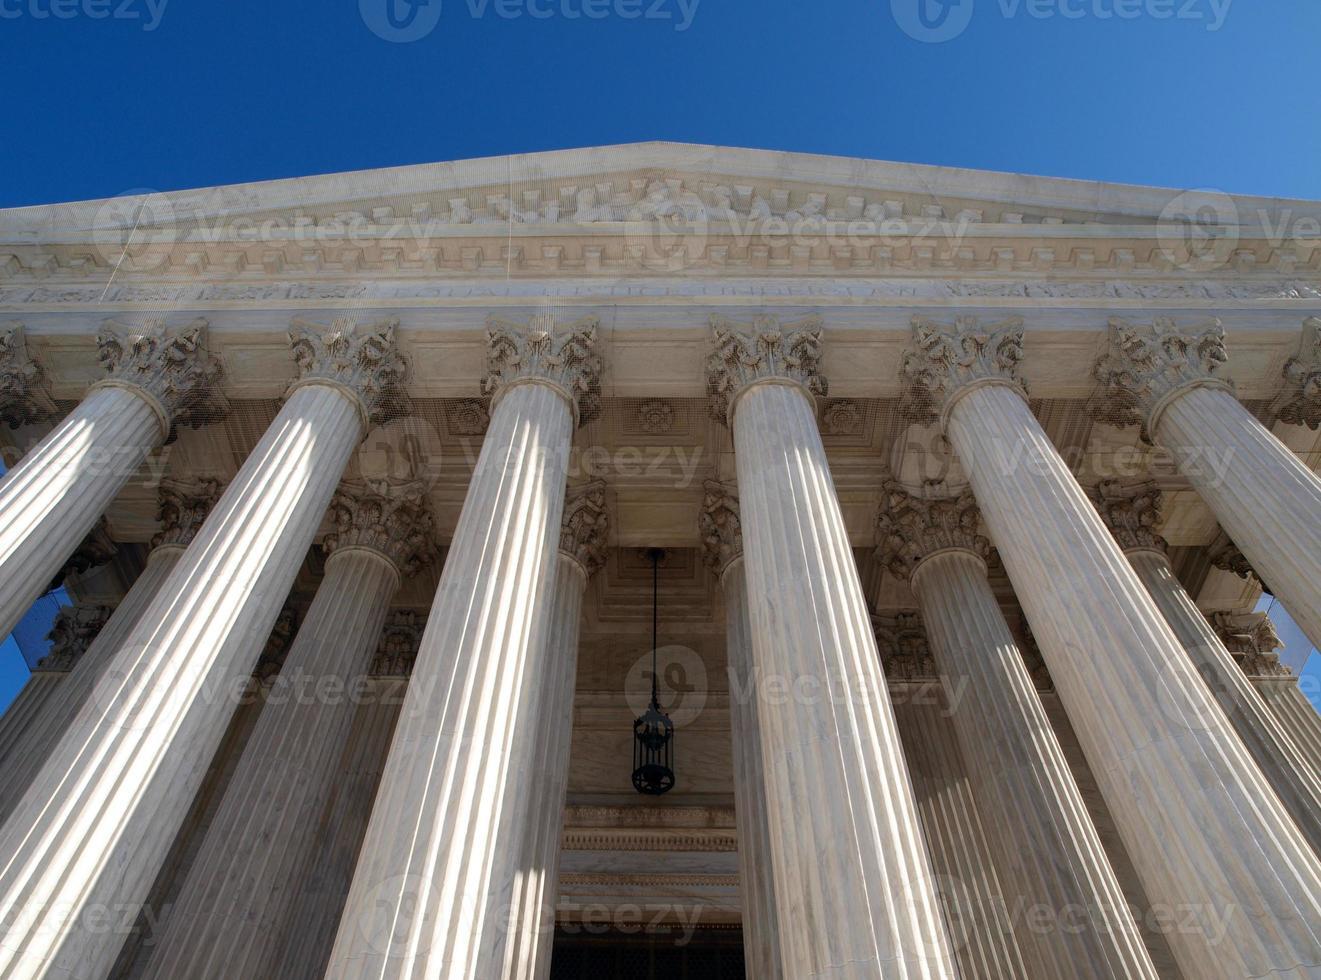 pilares de la corte suprema foto